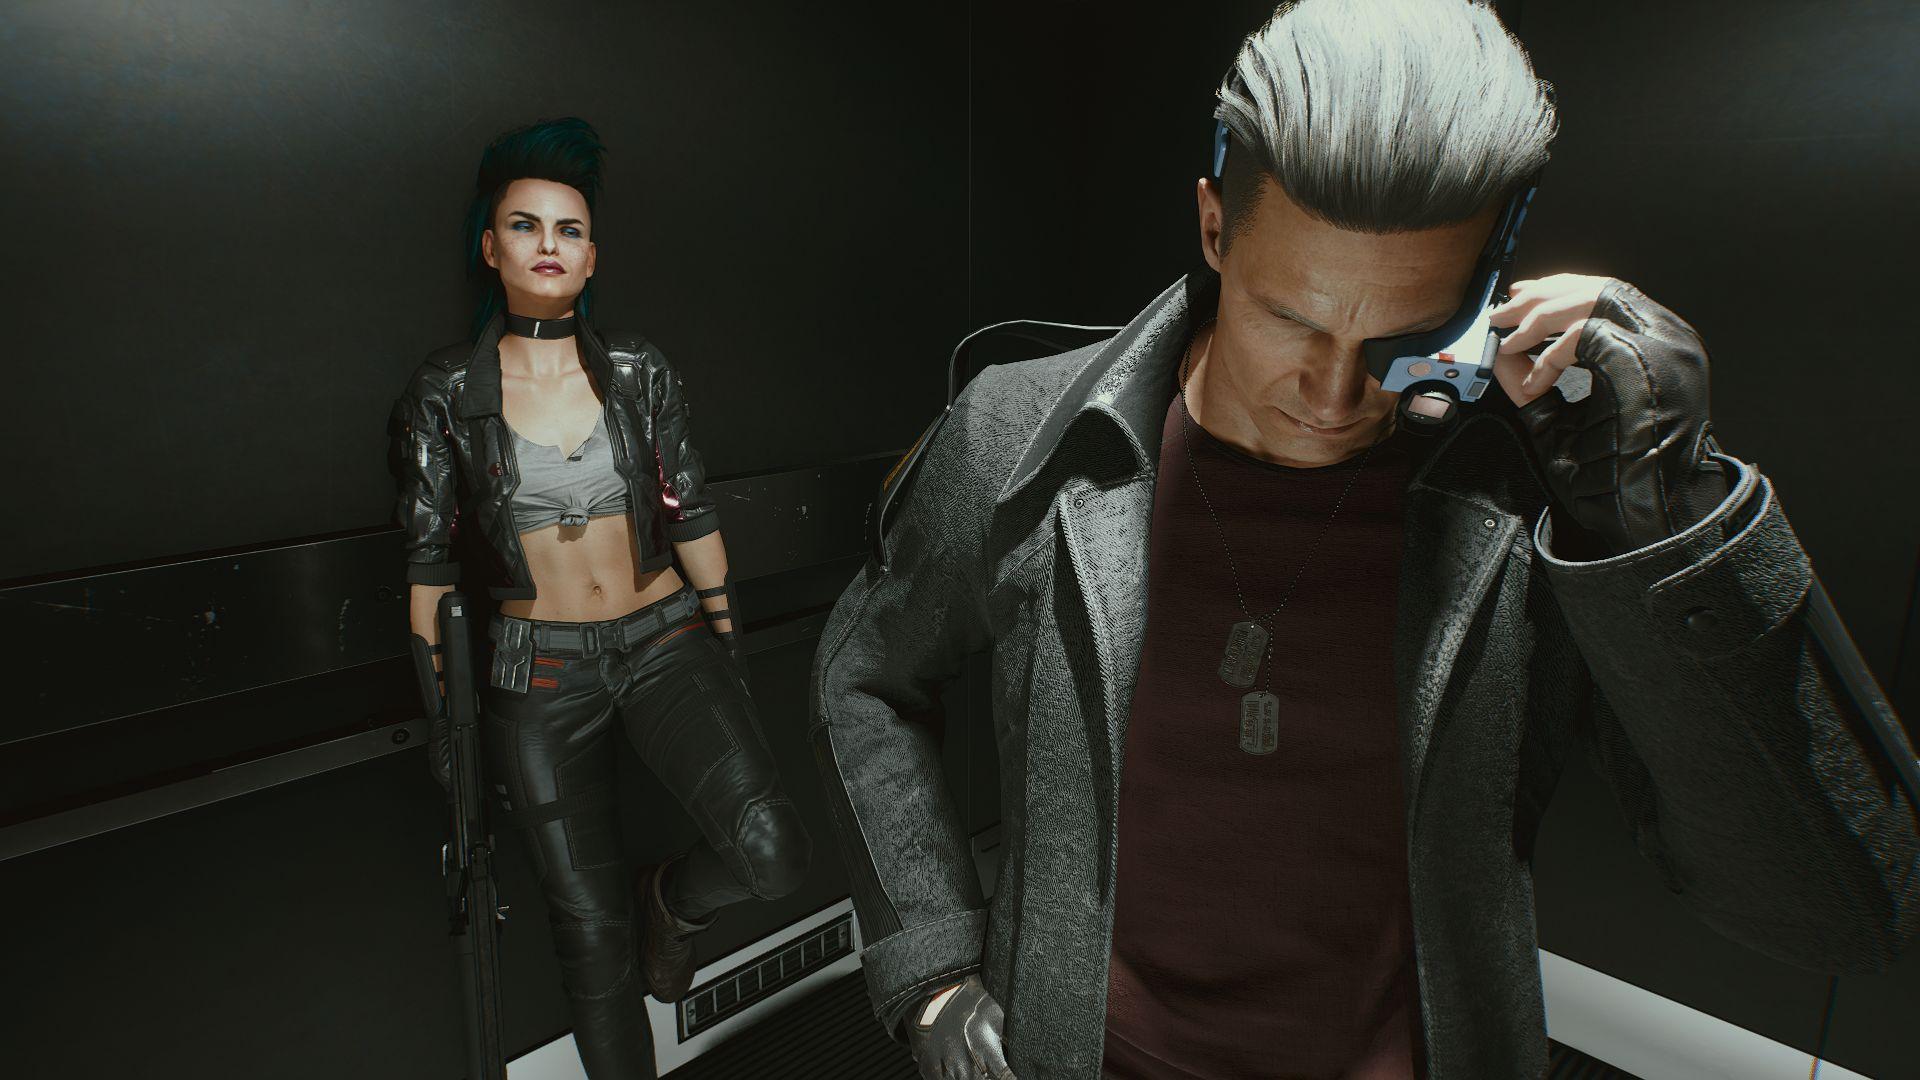 000274.Jpg - Cyberpunk 2077